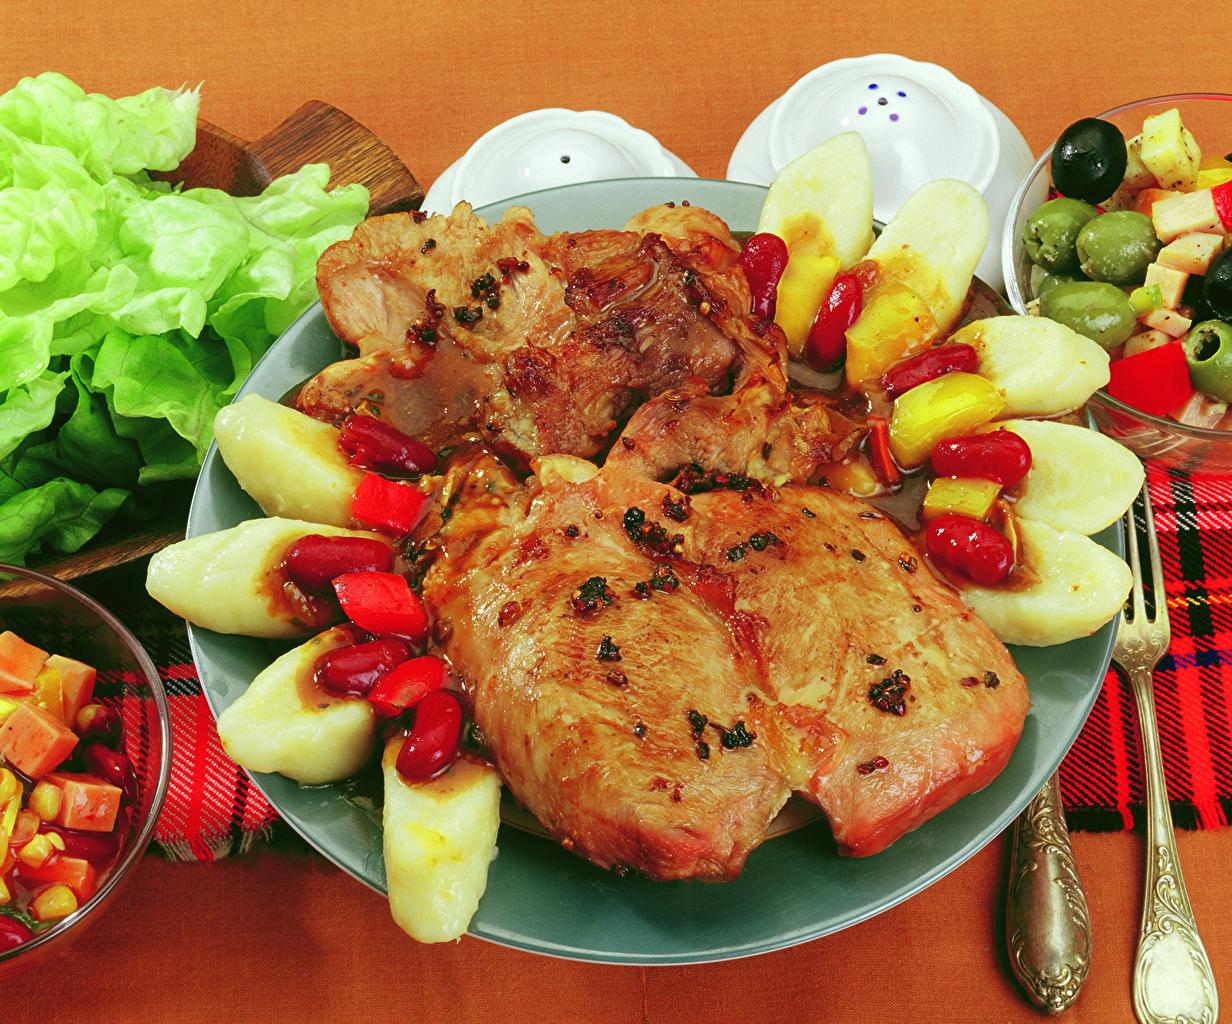 Bilder von Kartoffel Teller Gemüse Lebensmittel Fleischwaren